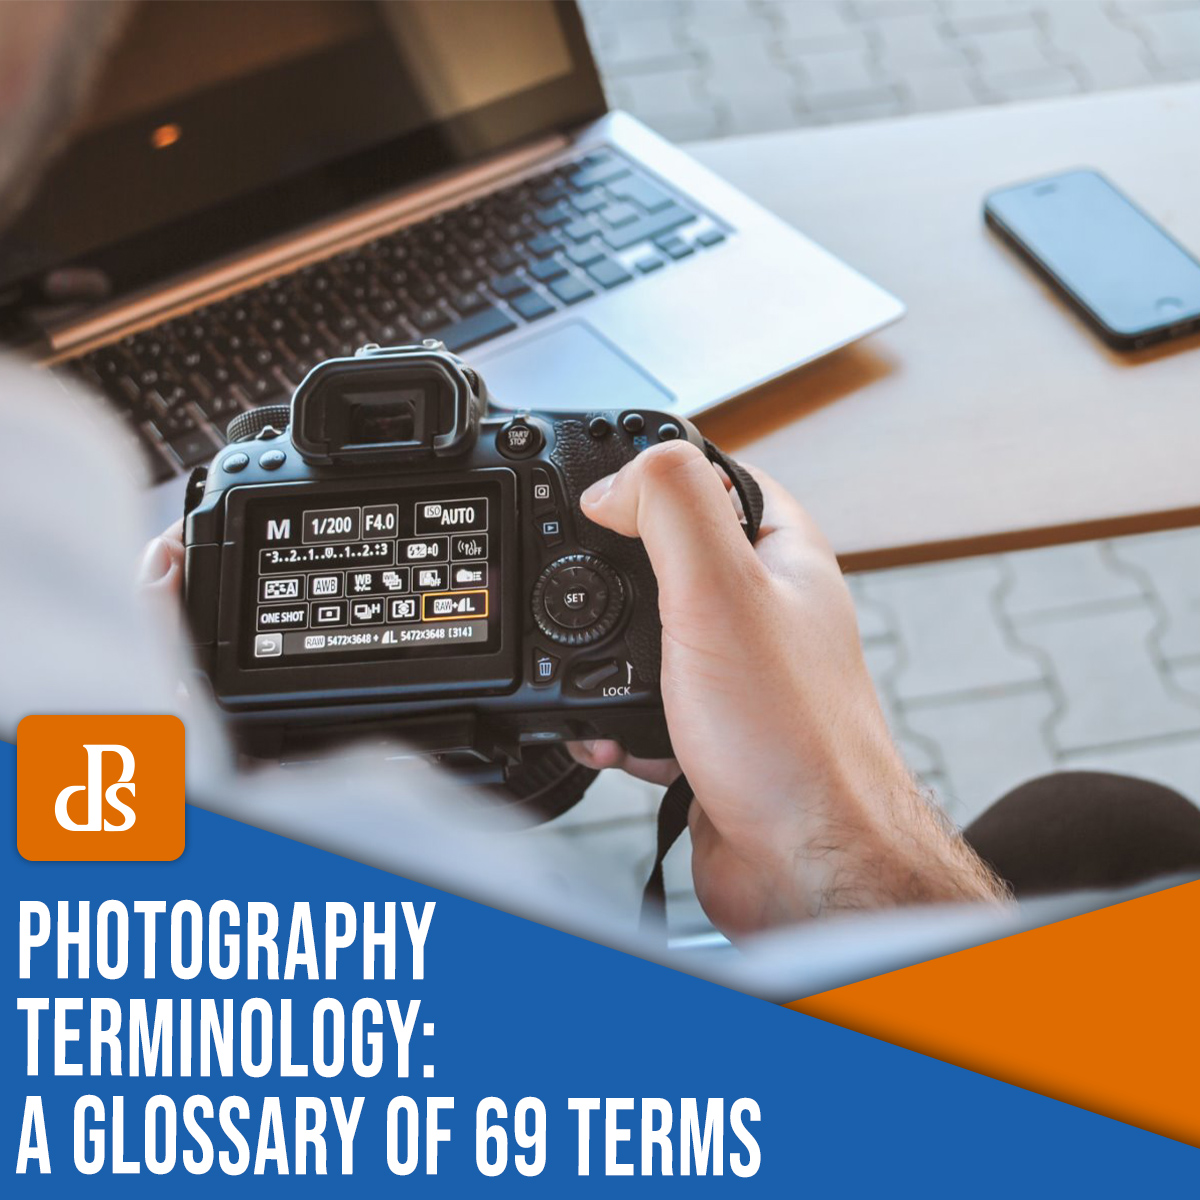 terminologia fotográfica: um glossário de 69 termos